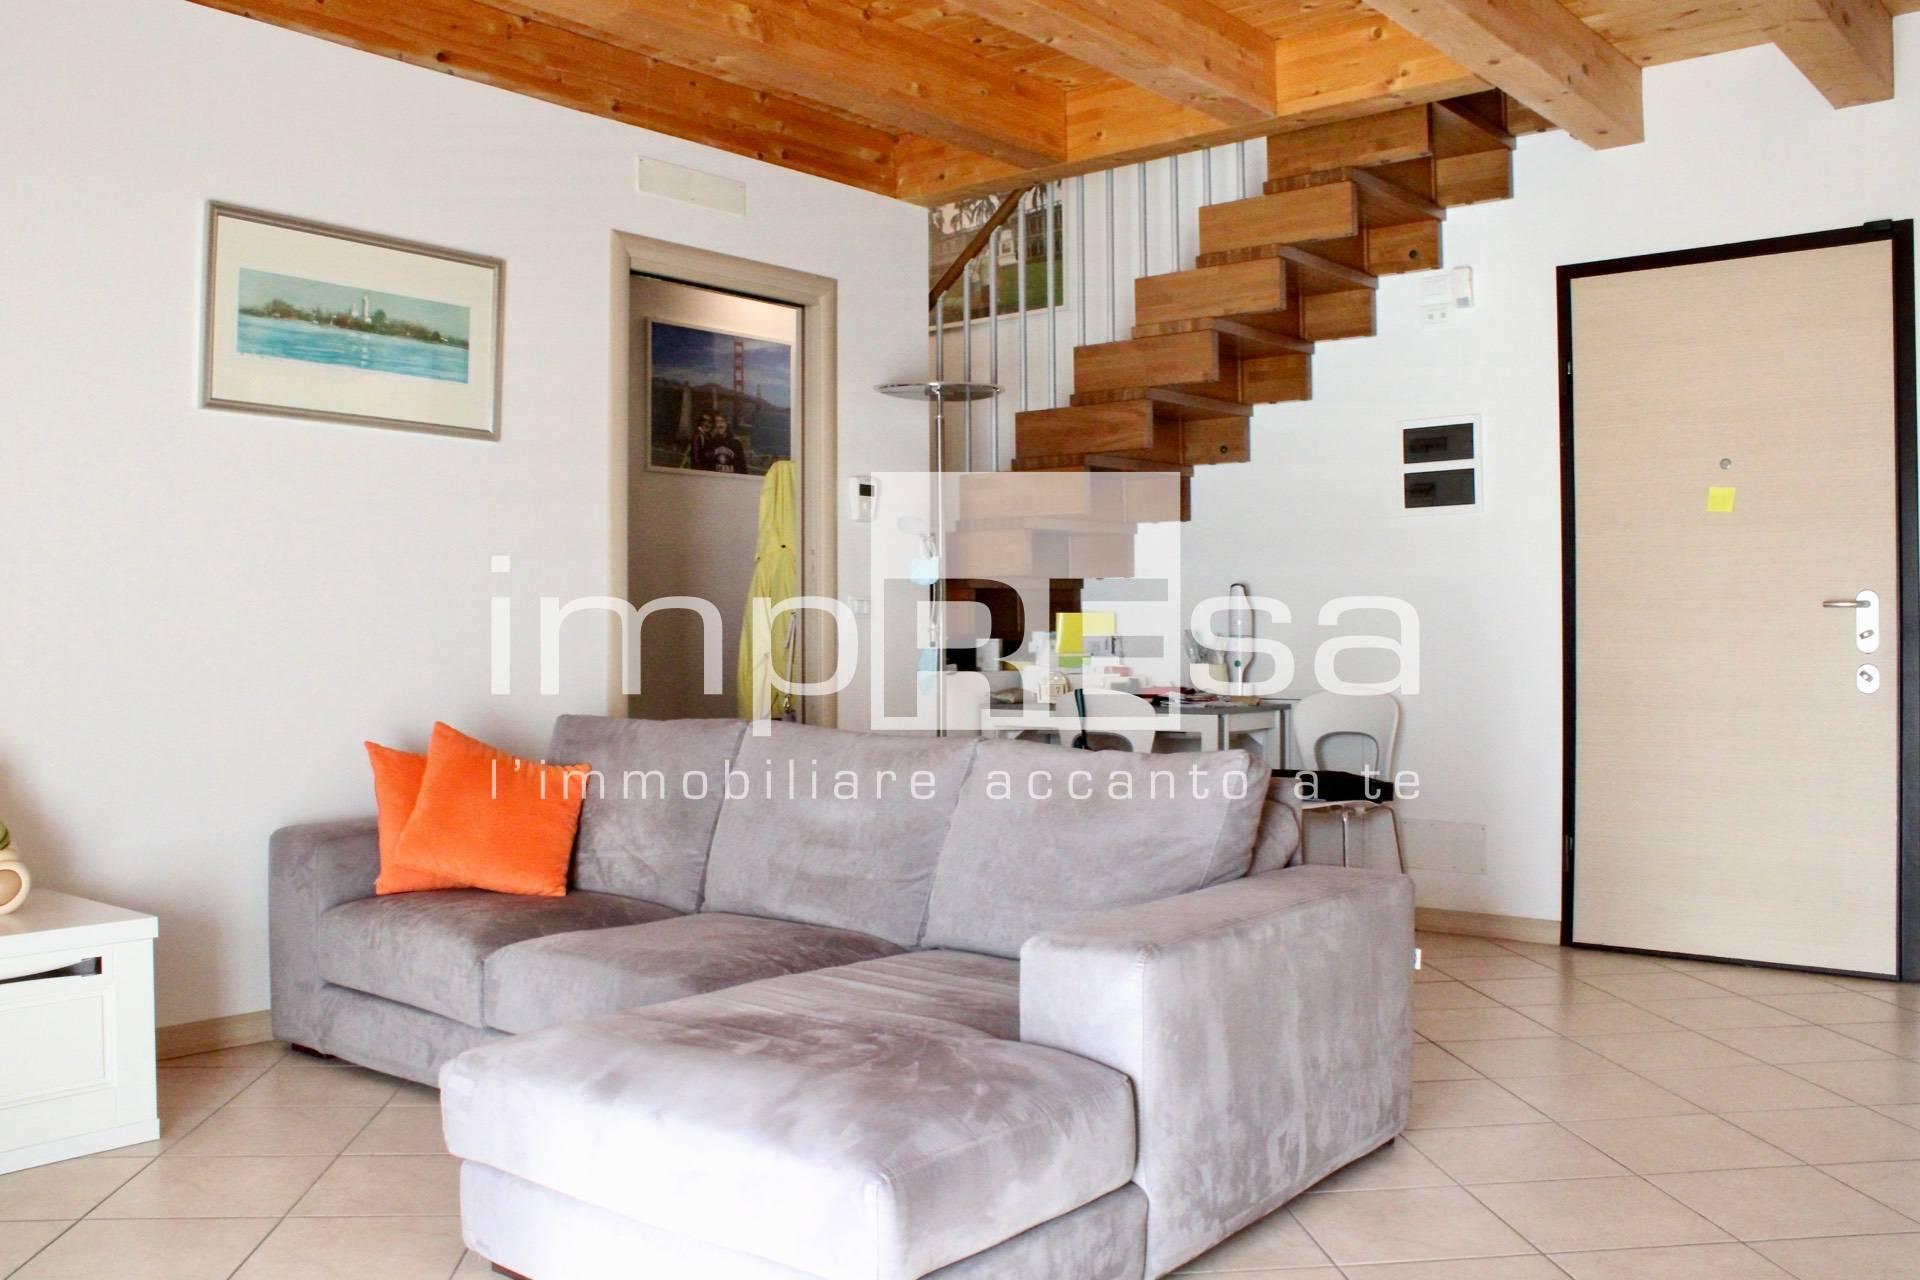 Appartamento in vendita a Fiume Veneto, 5 locali, prezzo € 182.000   CambioCasa.it